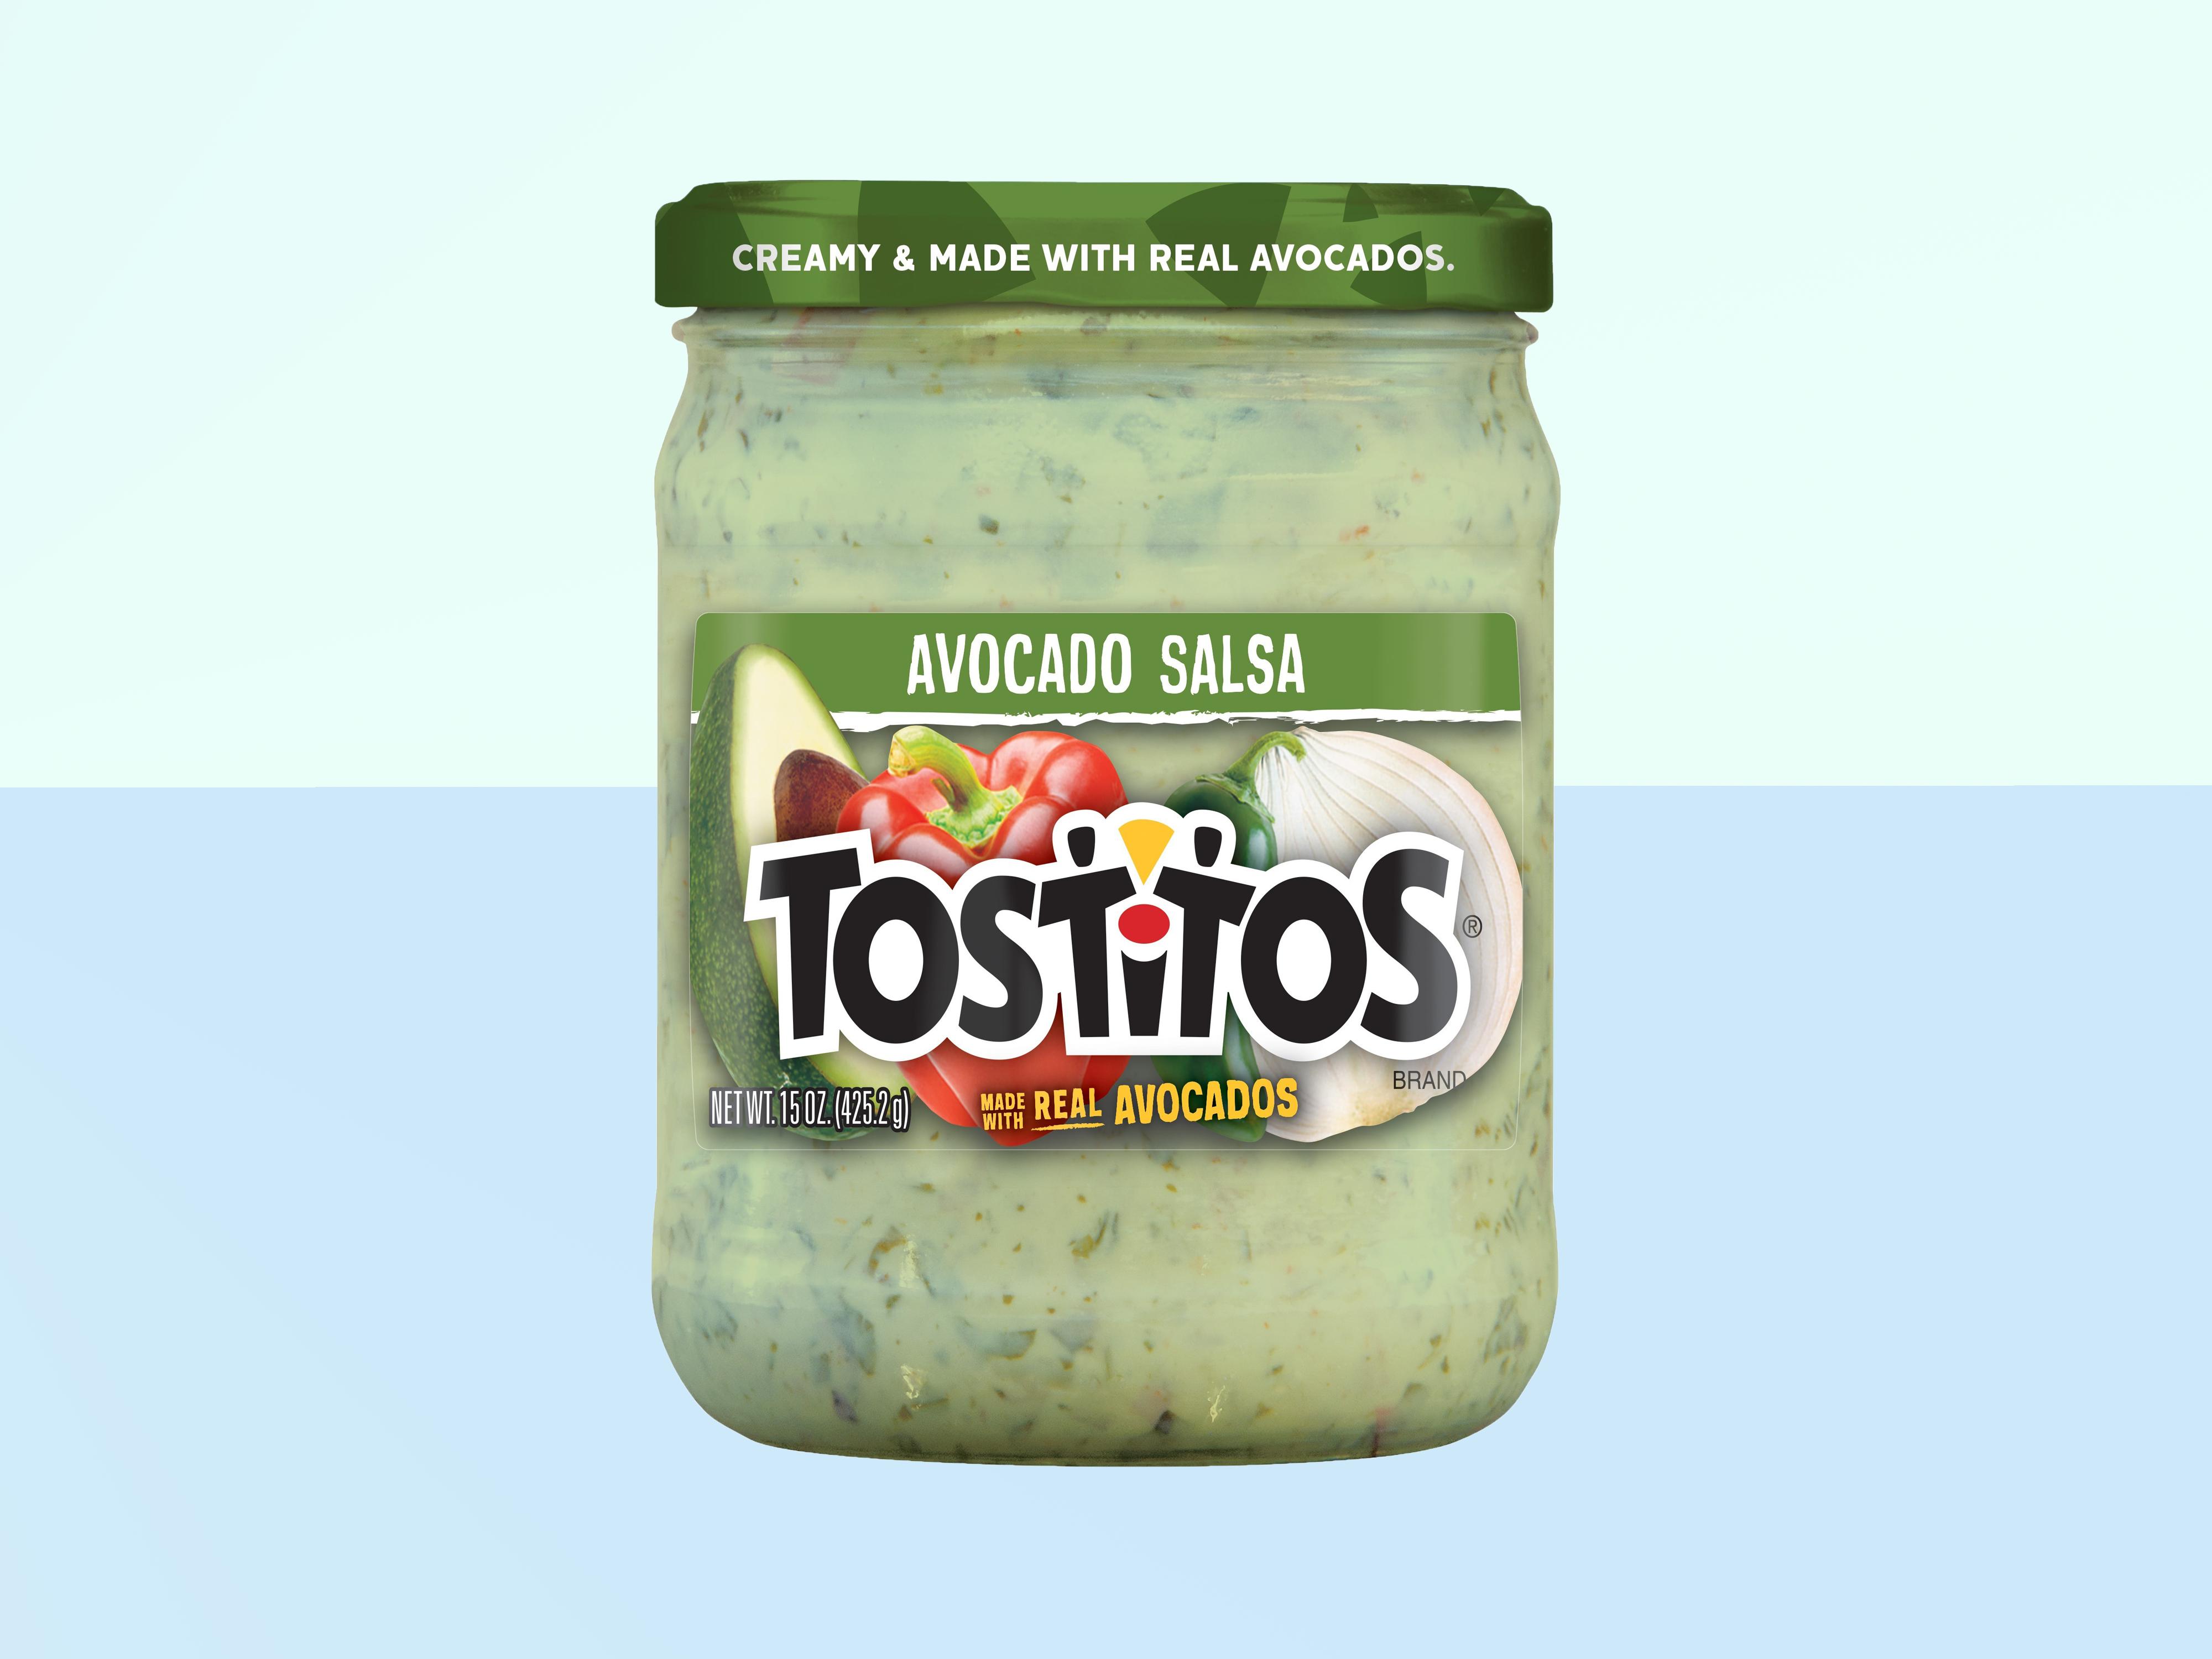 tostitos-avocado-salsa